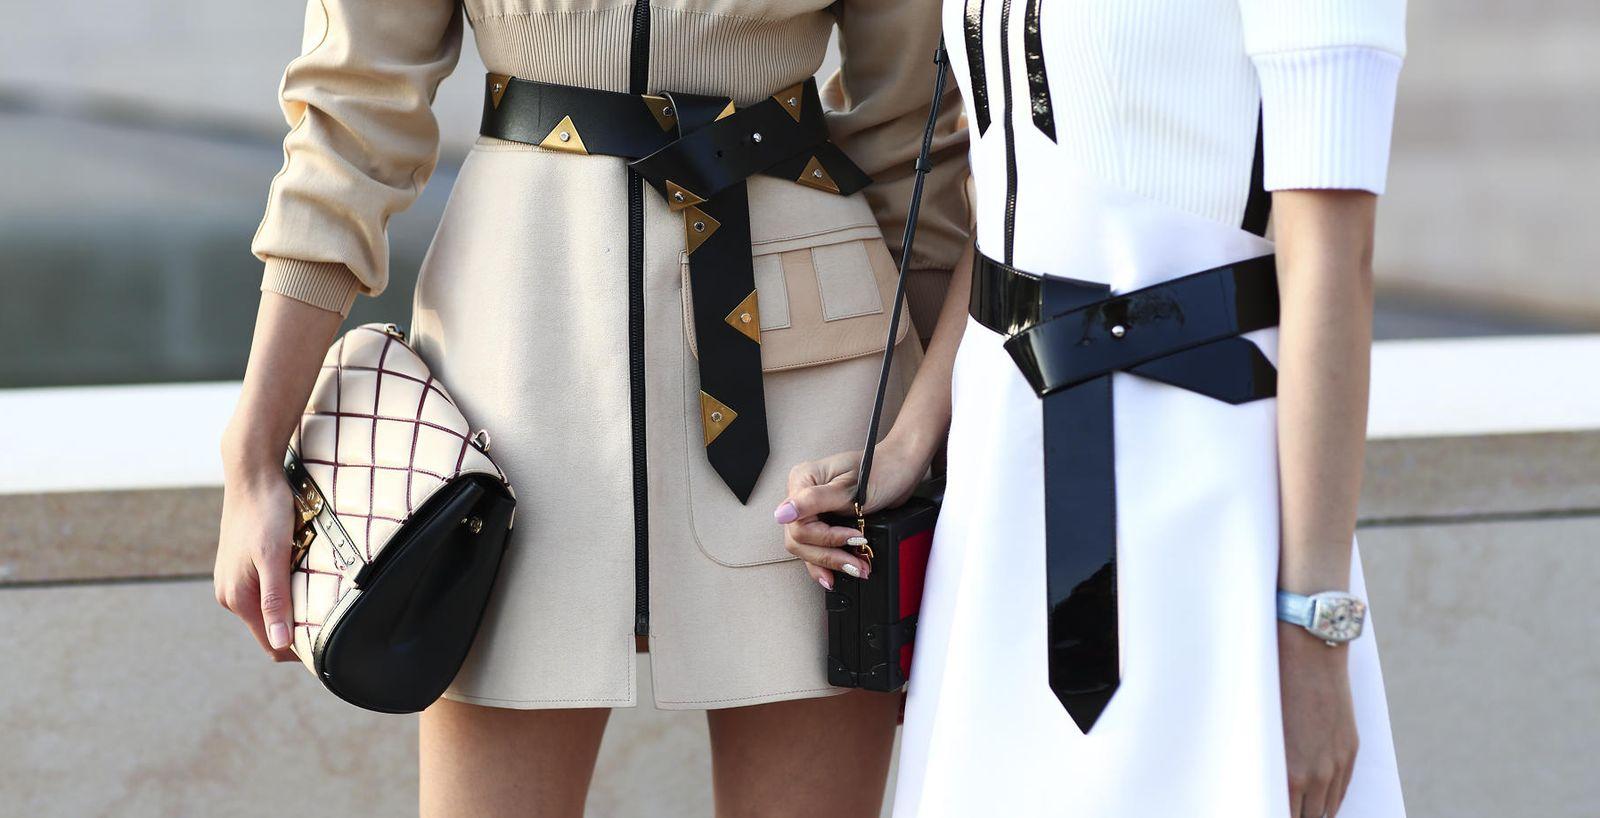 Foto: 'Forbes' nombra a Louis Vuitton la firma de lujo más valiosa del mundo